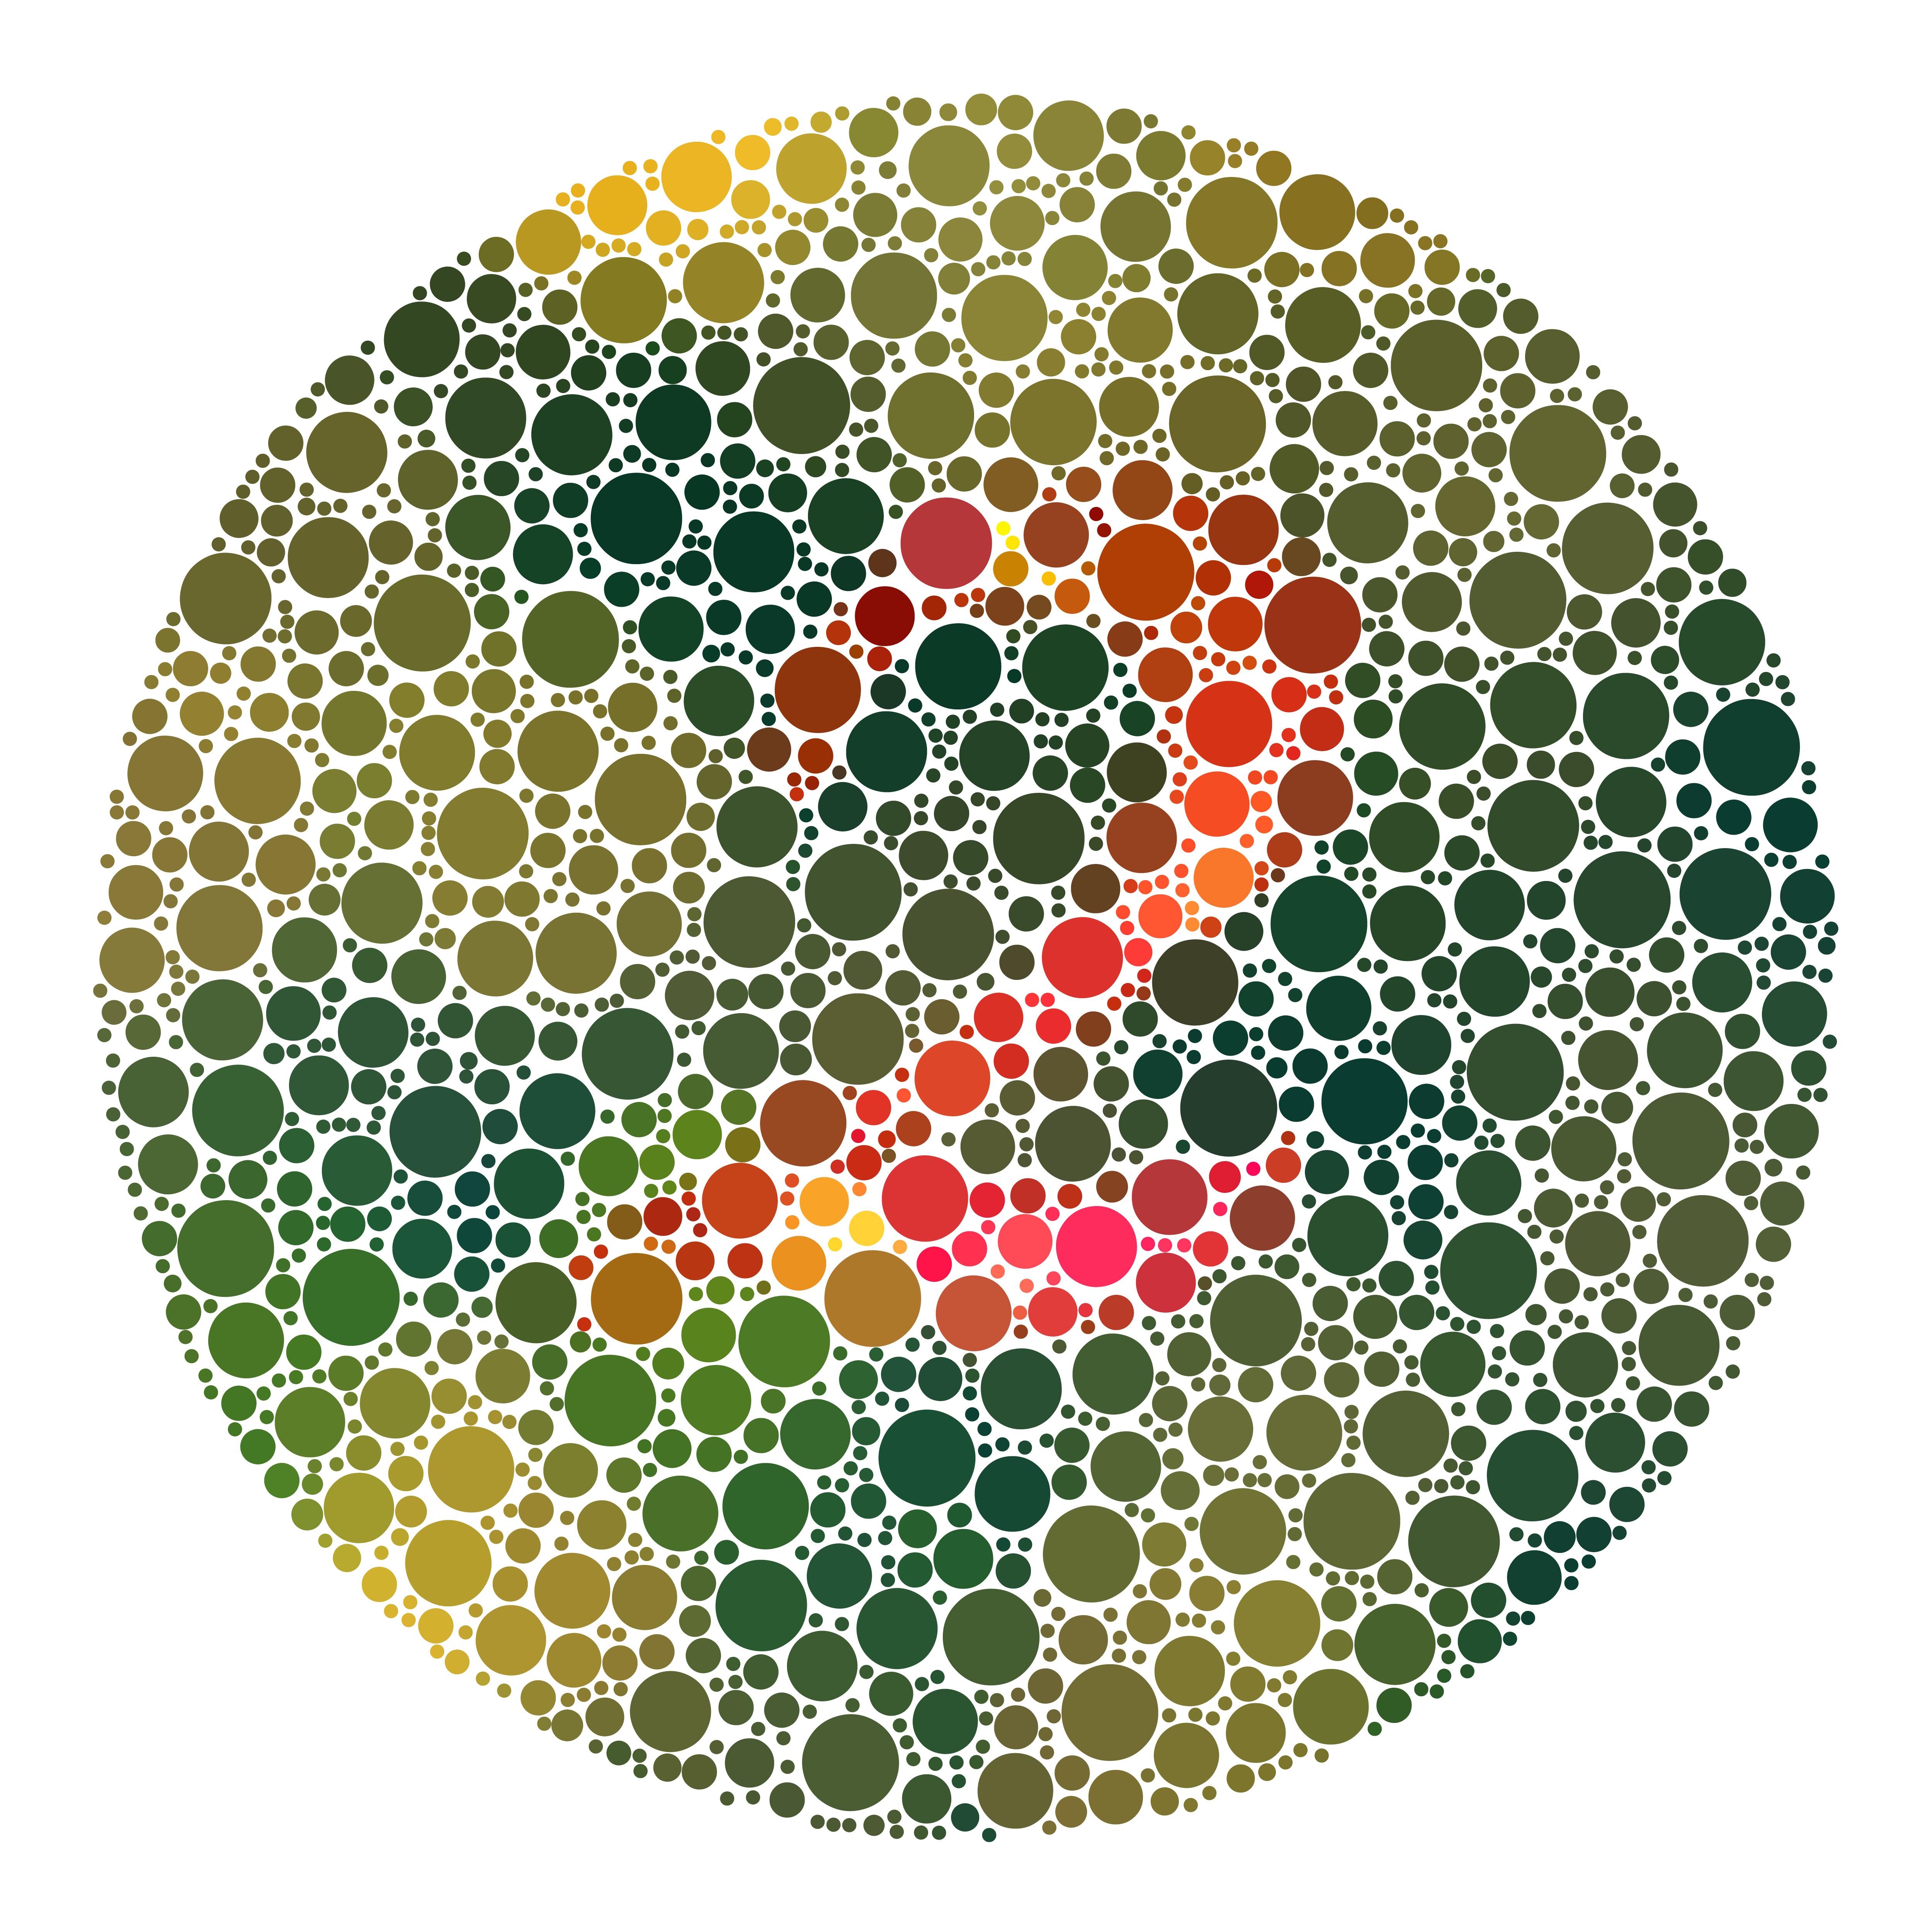 тест с картинками на цвет они перекликаются